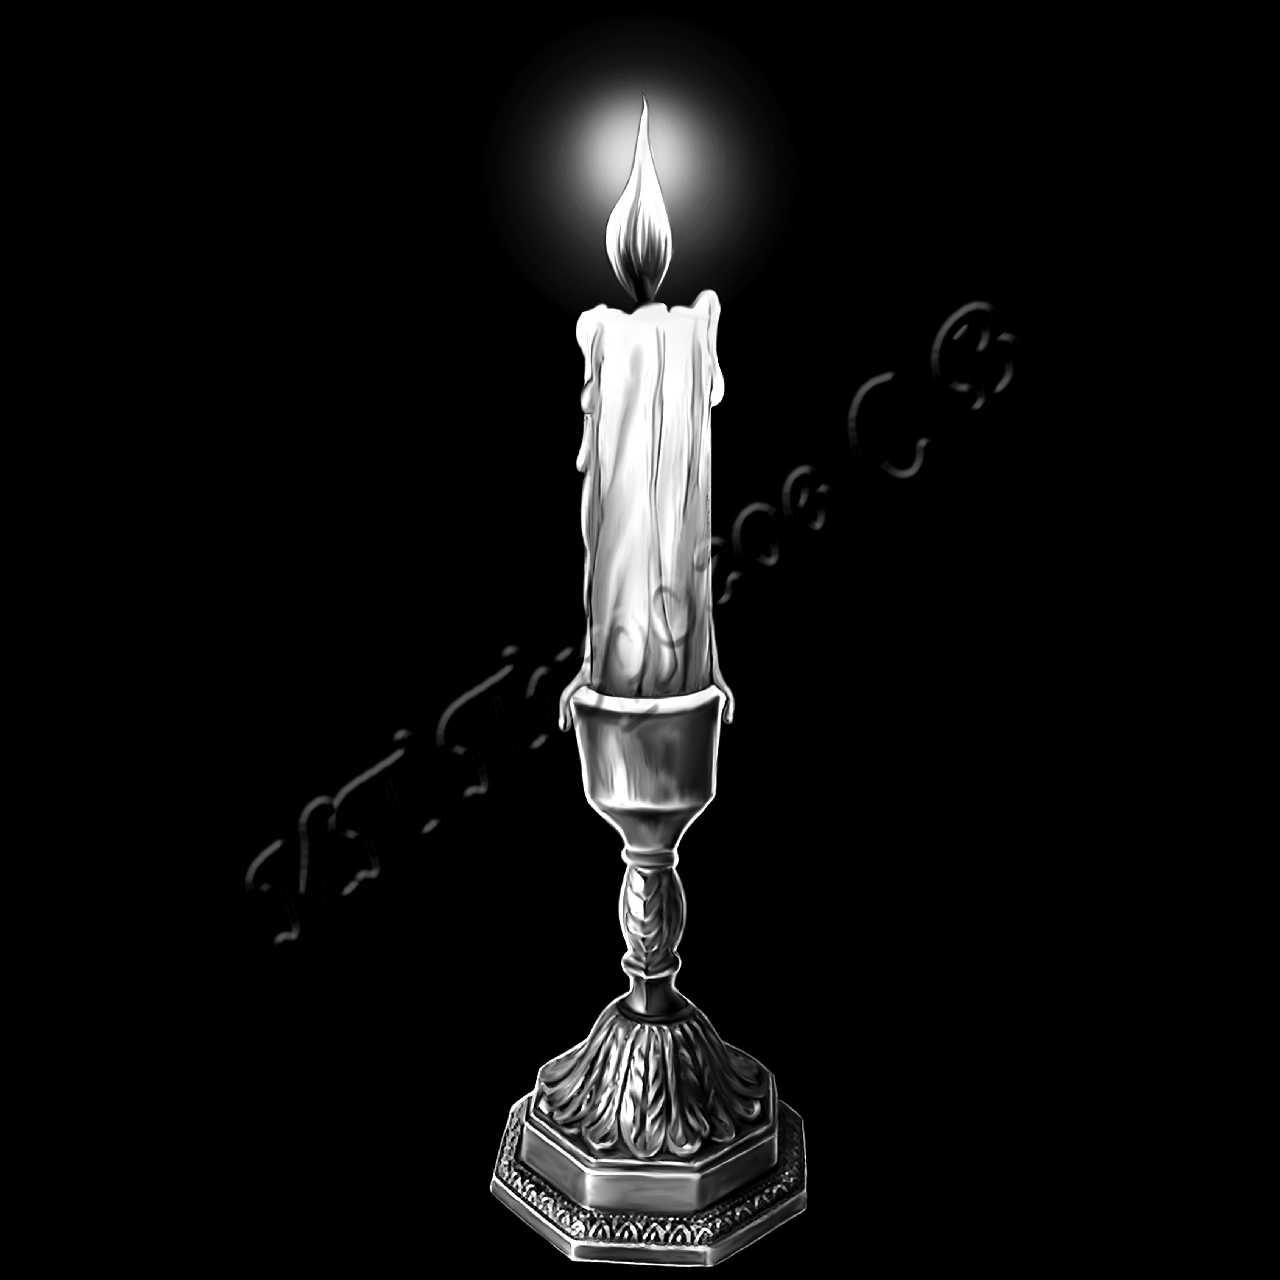 из свечей рисунок